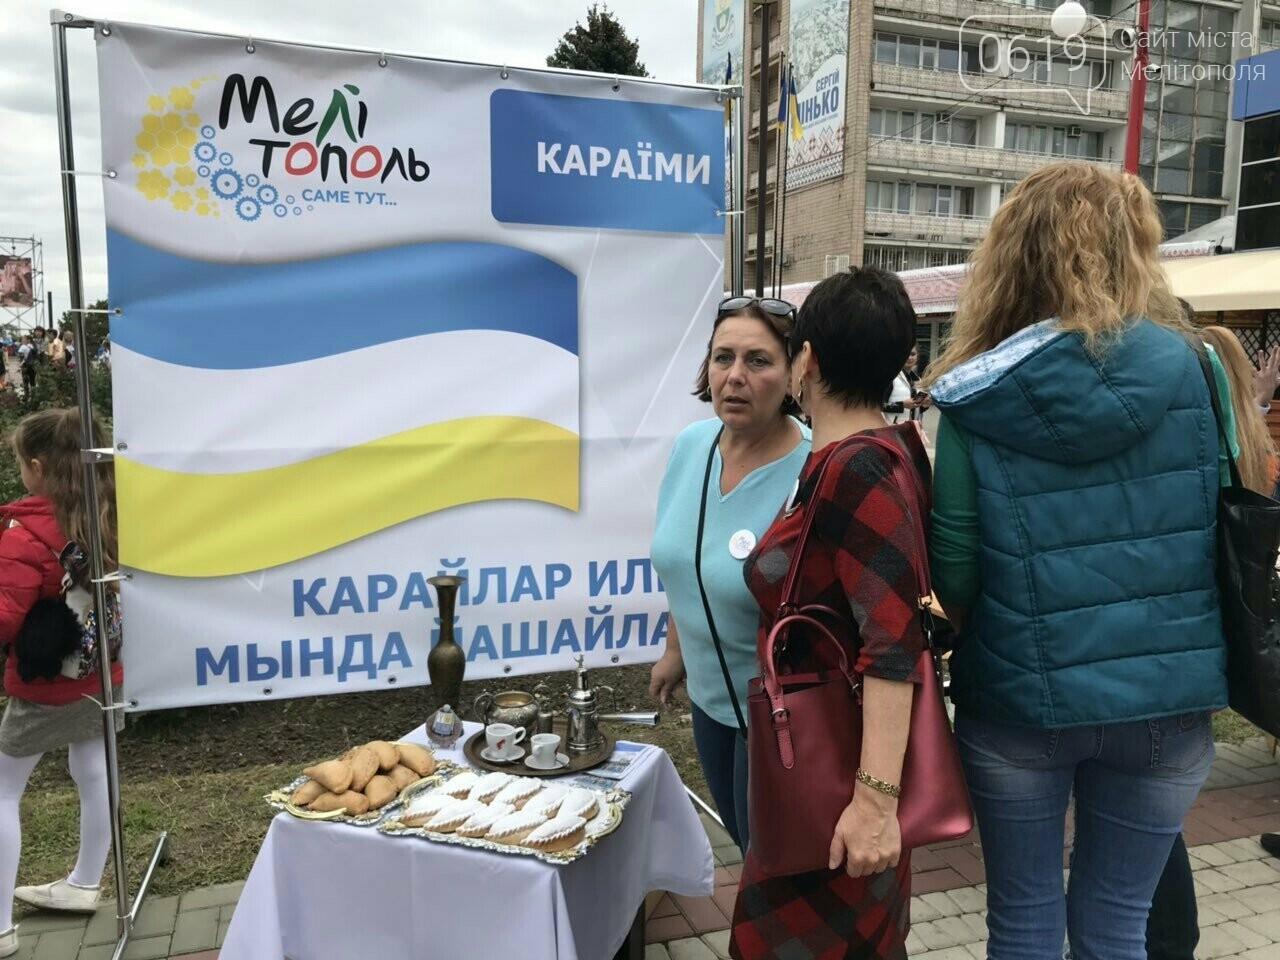 Вкусные блюда, яркие костюмы, выставки-ярмарки: в Мелитополе проходит фестиваль национальных культур, фото-17